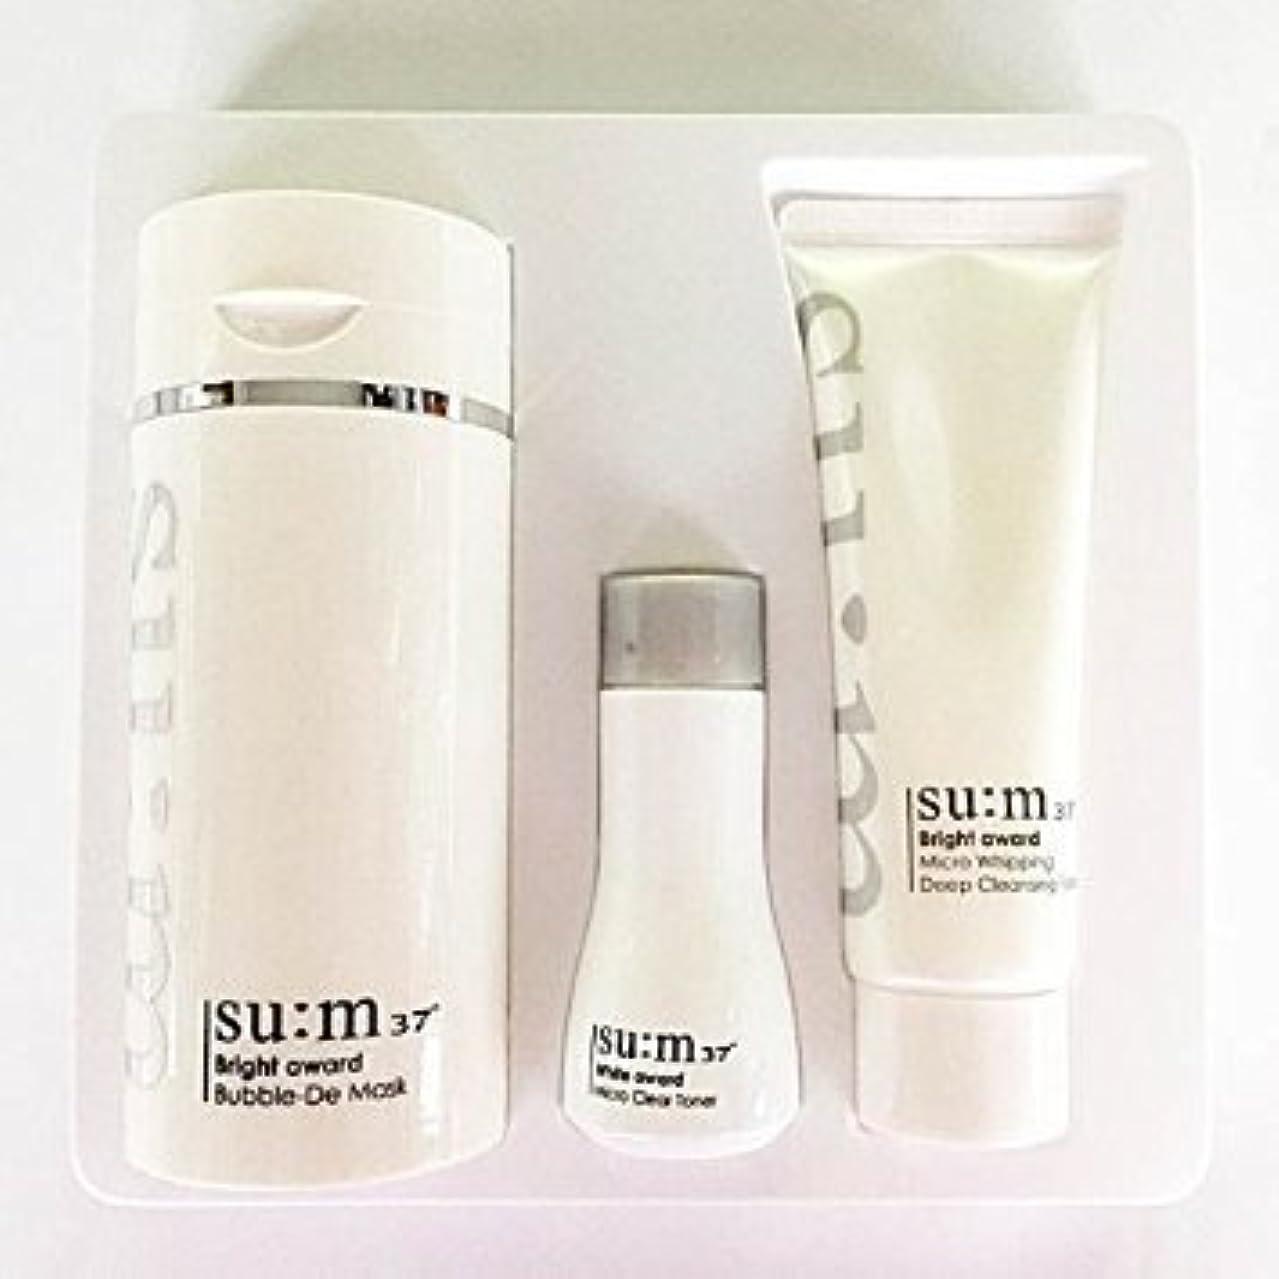 精査指ソフィーSu:m37°(スム37) Su:m 37 White Bright Award Bubble-De Mask Special Set 企画セット [並行輸入品]